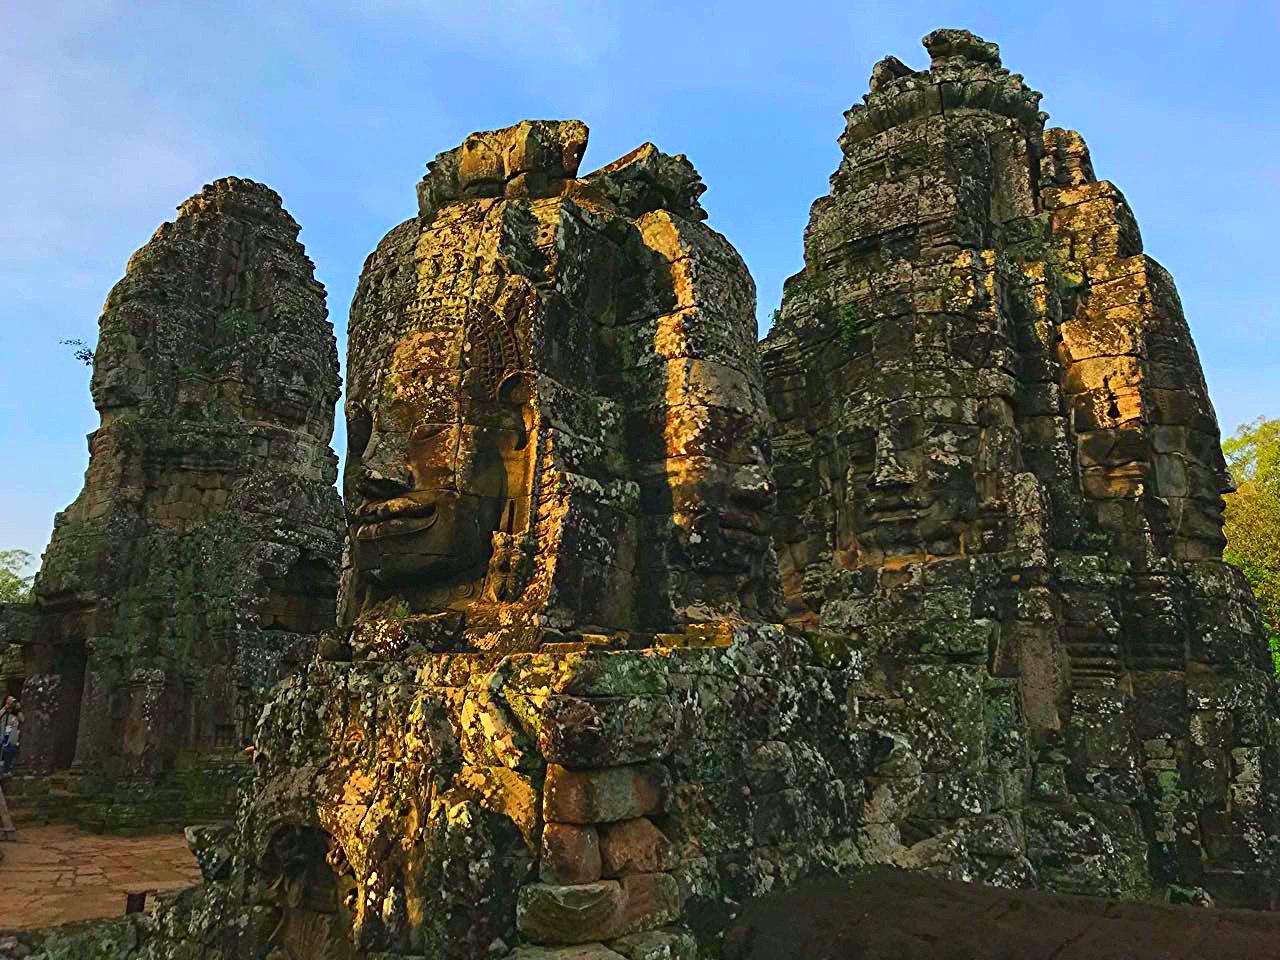 Елена Руденко (Валтея). Камбоджа. Ангкор. - Страница 2 TttIAuWZqFk